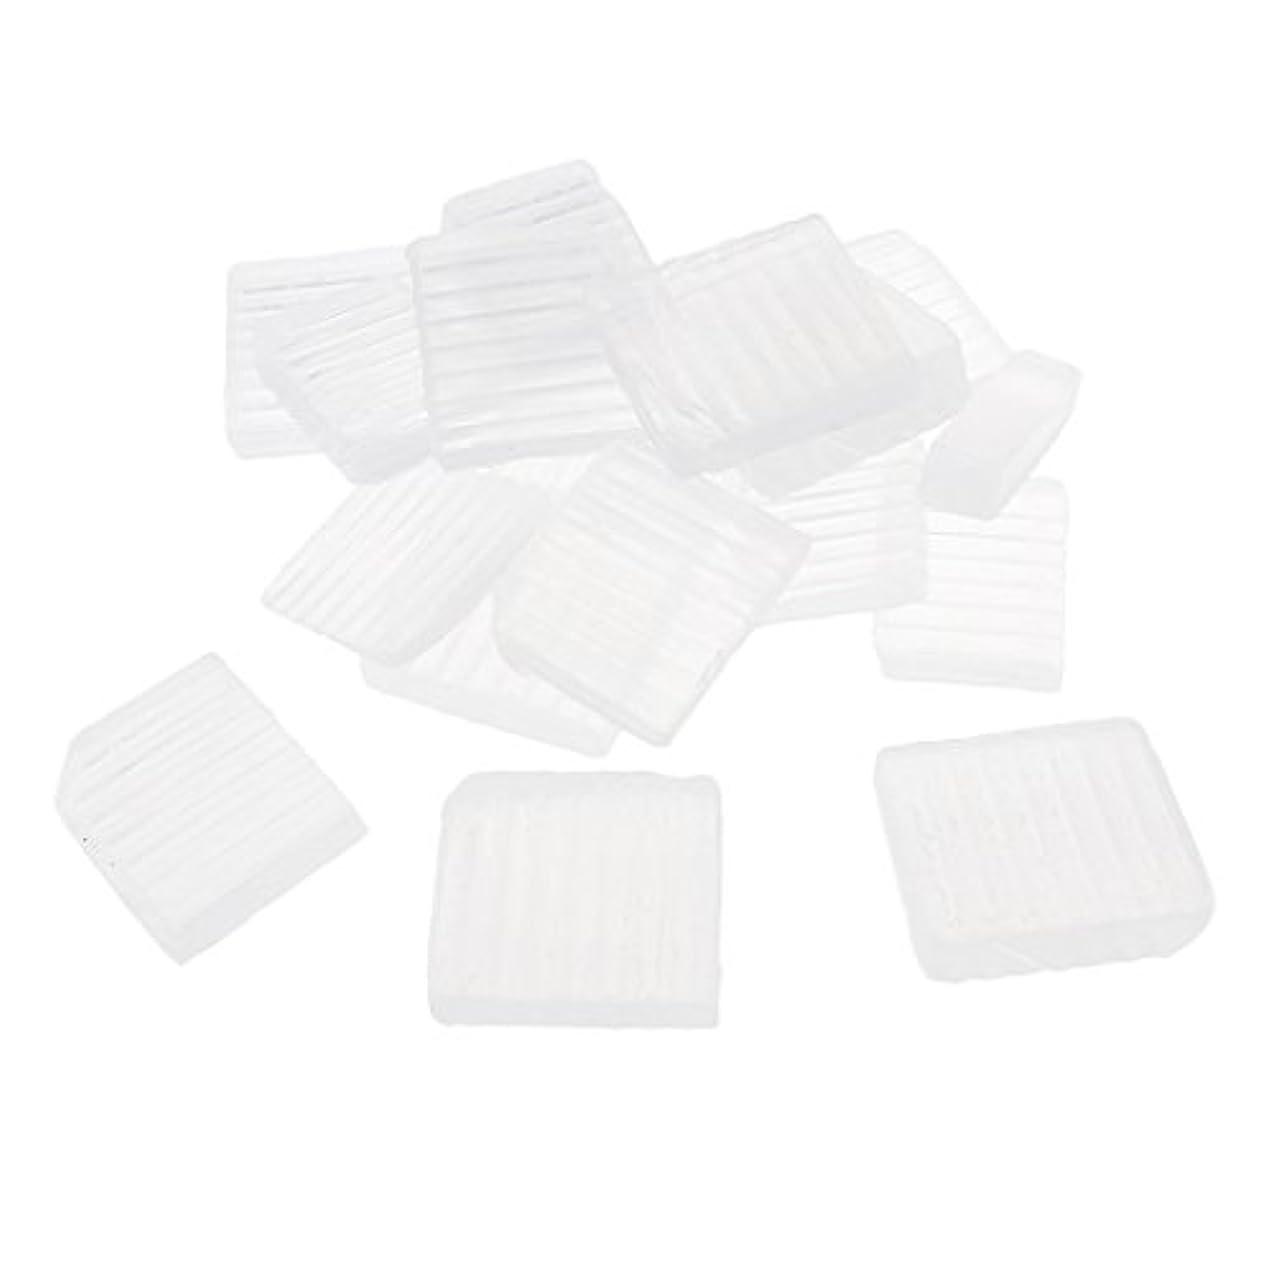 調べる努力迫害する石鹸ベース DIY 石鹸作り プアソープベース 石鹸クラフト 手作り 約1 KG